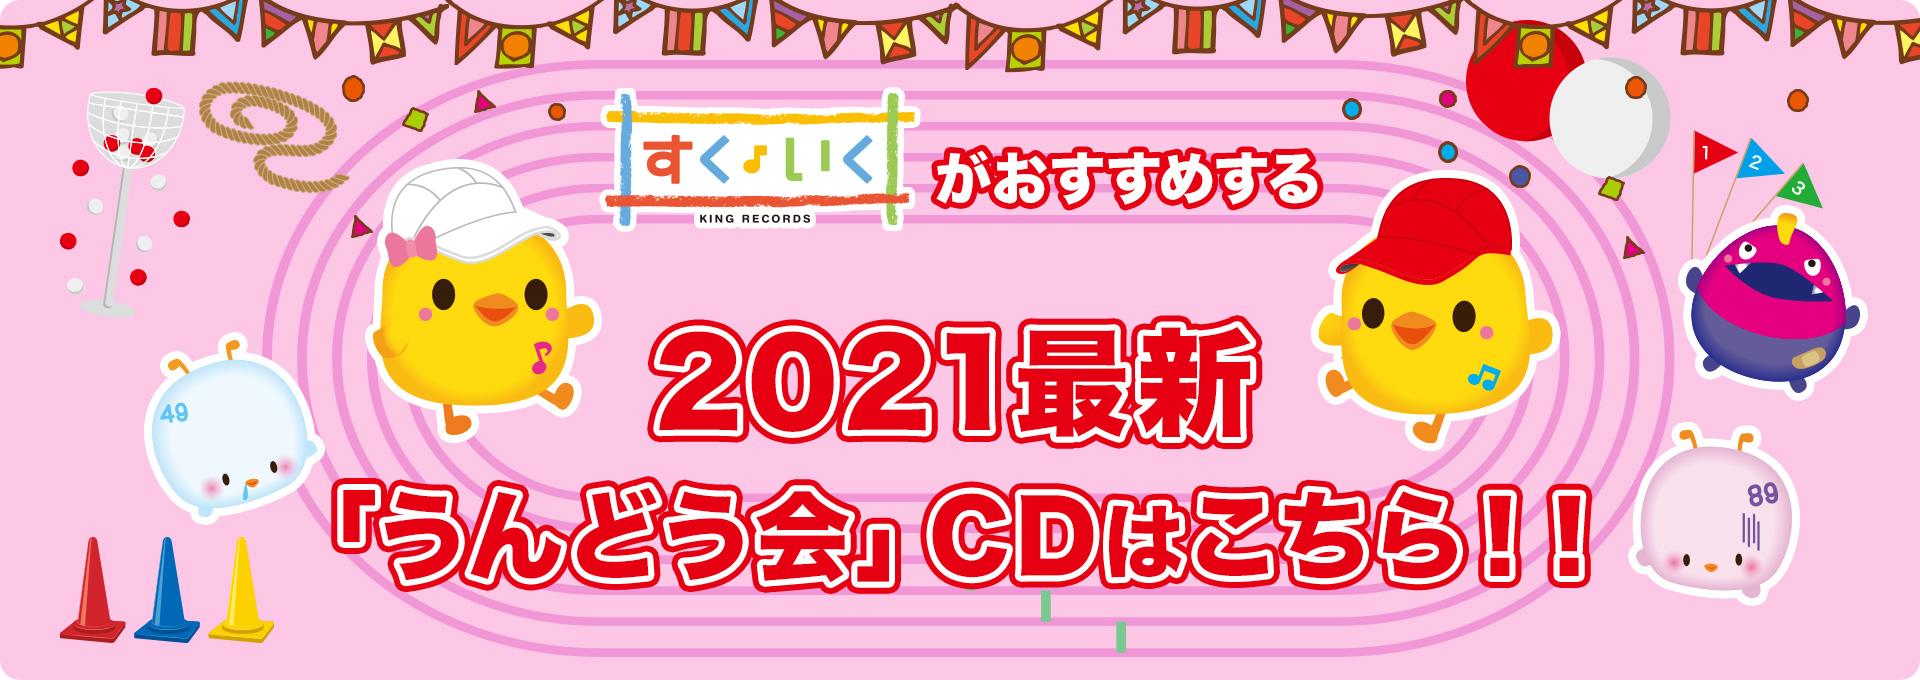 特集【2021年3月号】:2021年すくいくがおすすめする「うんどう会」CDはこちら!!